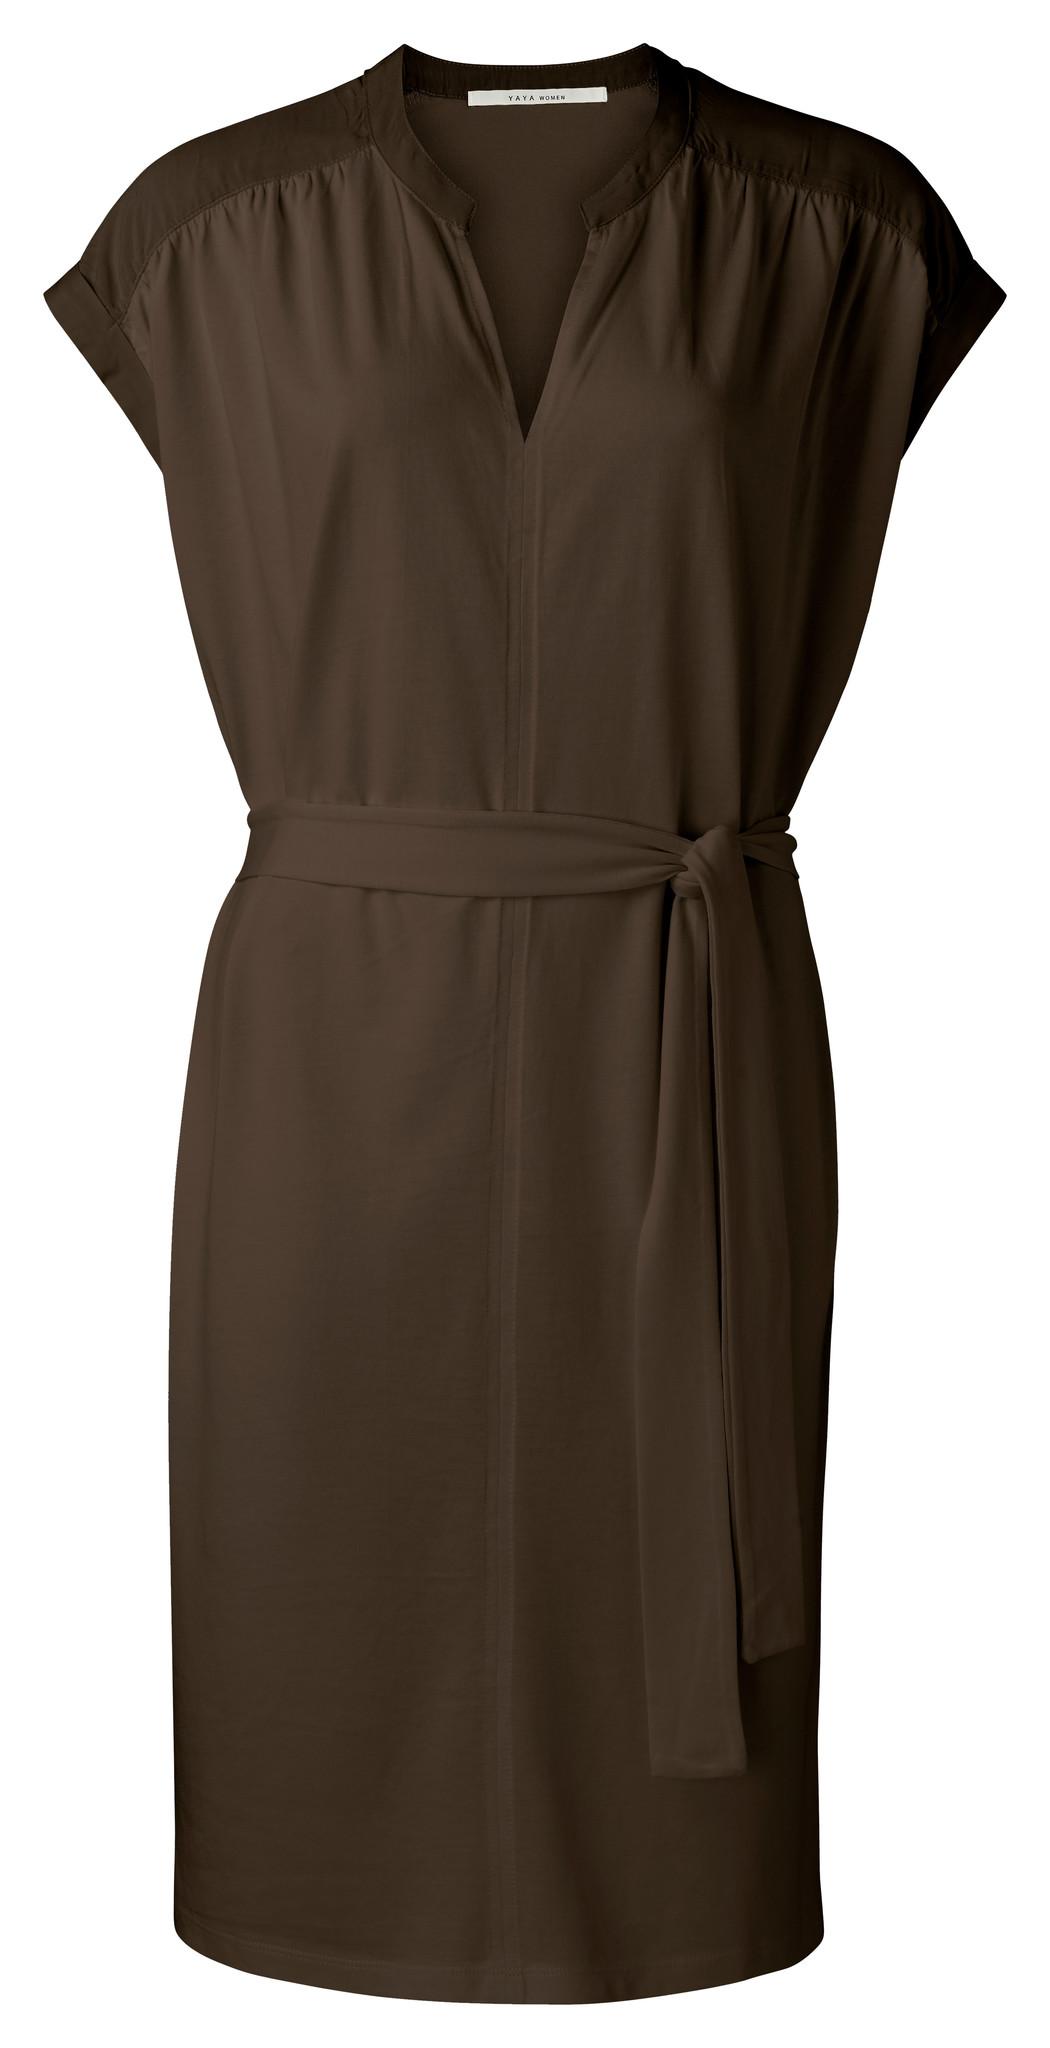 yaya Fabric mix dress wit 1809329-115-1